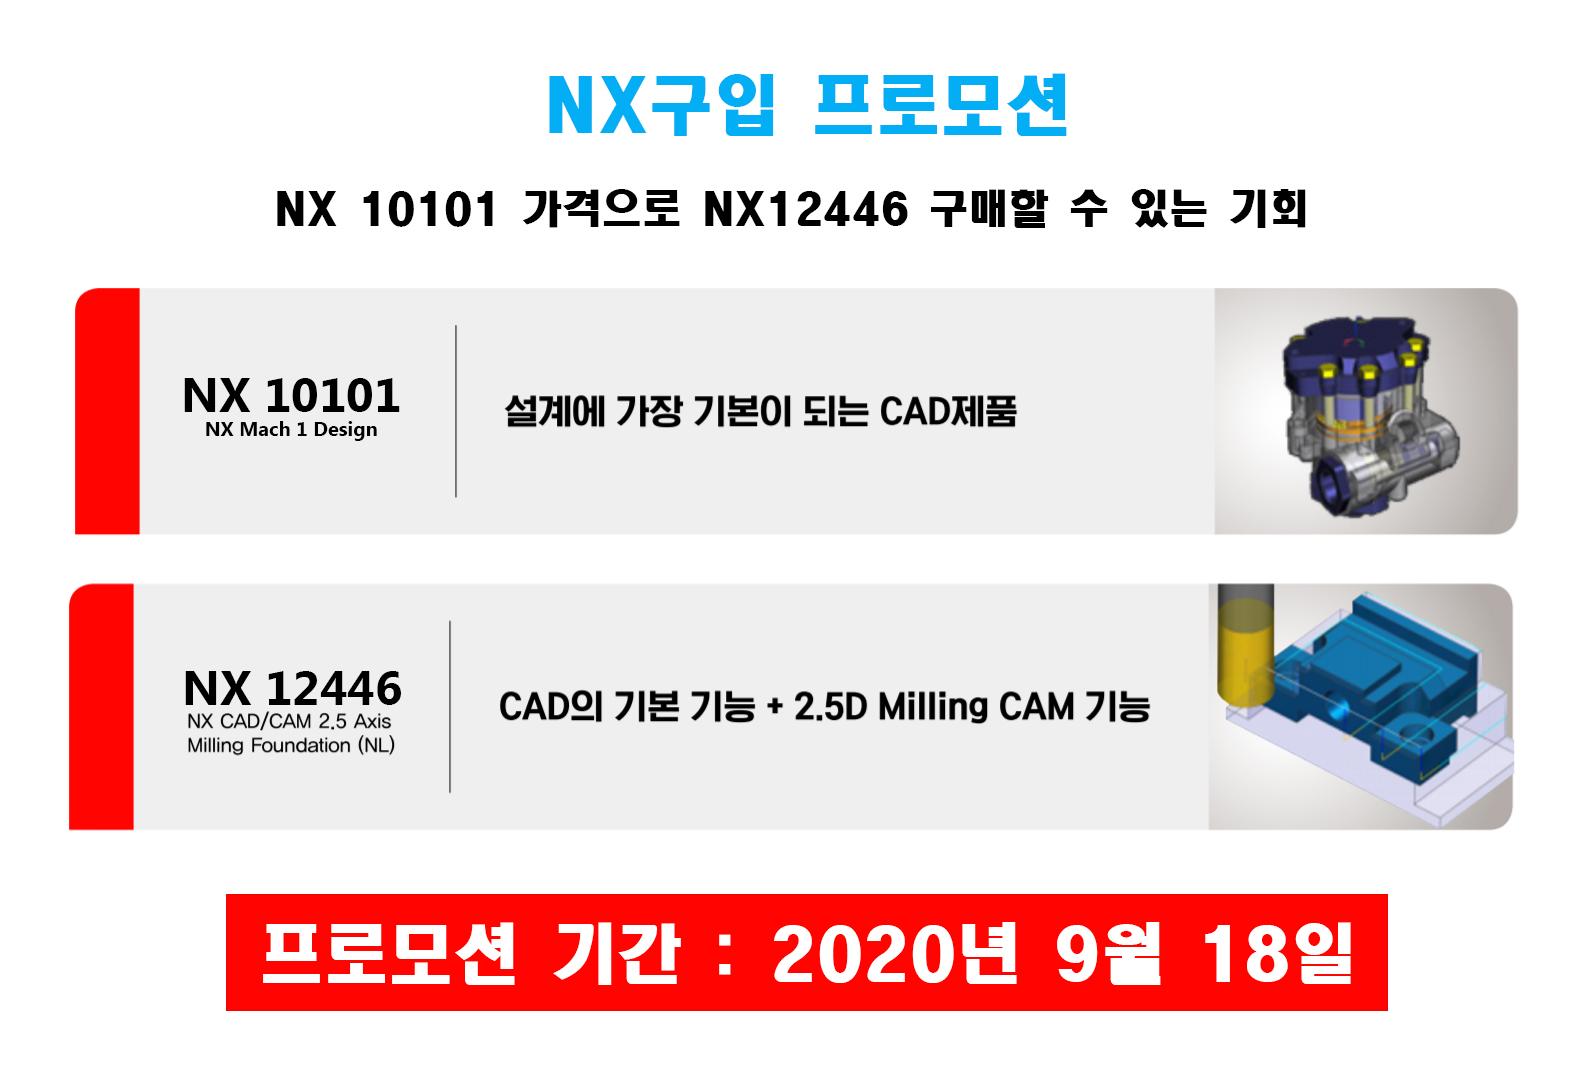 NX 구입 견적문의 델타아이티 프로모션 NX10101 NX12446.jpg